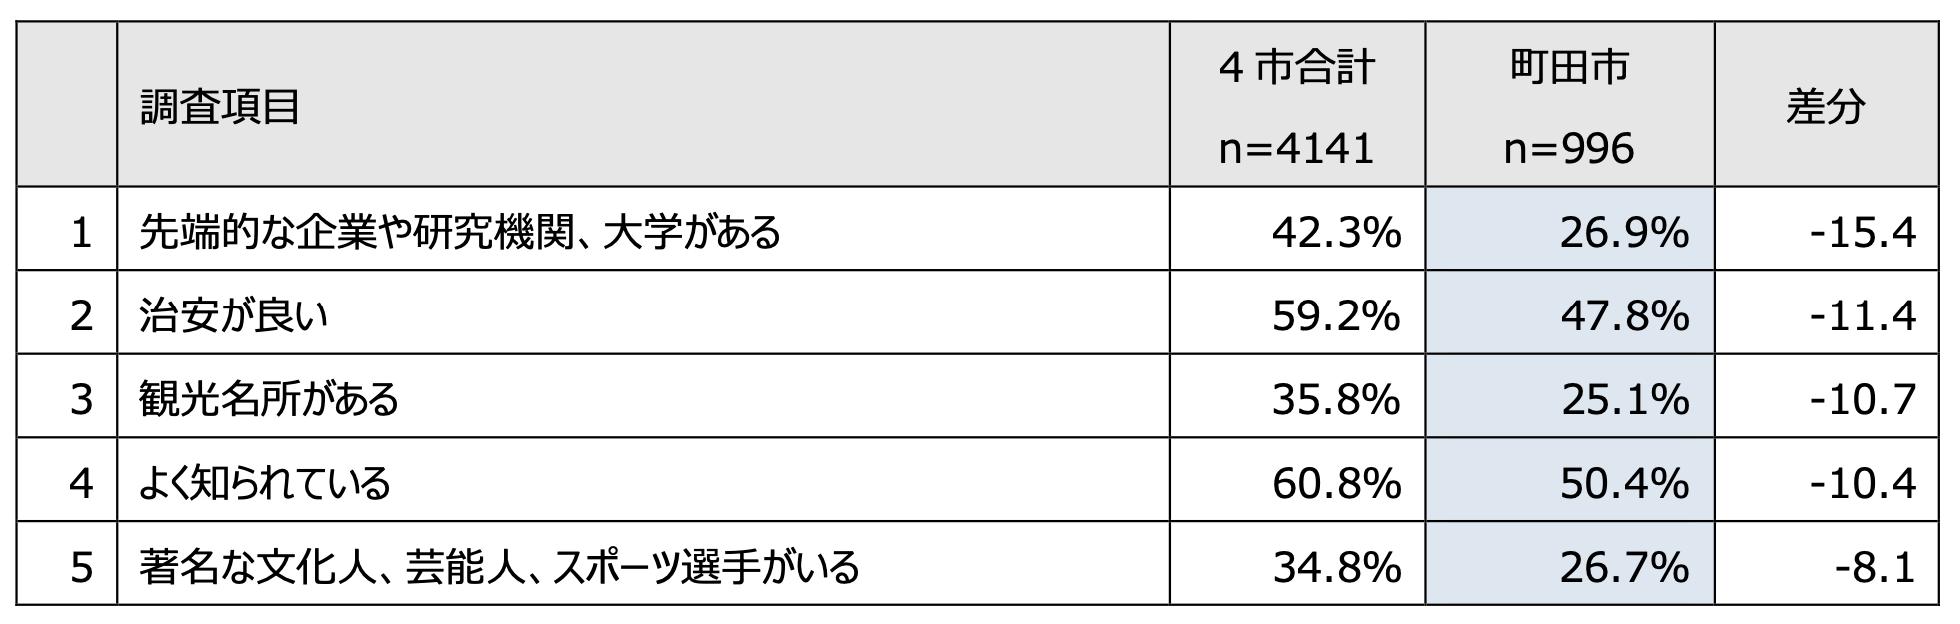 4市合計より町田市が下位の住むまちの印象(差分上位5項目)